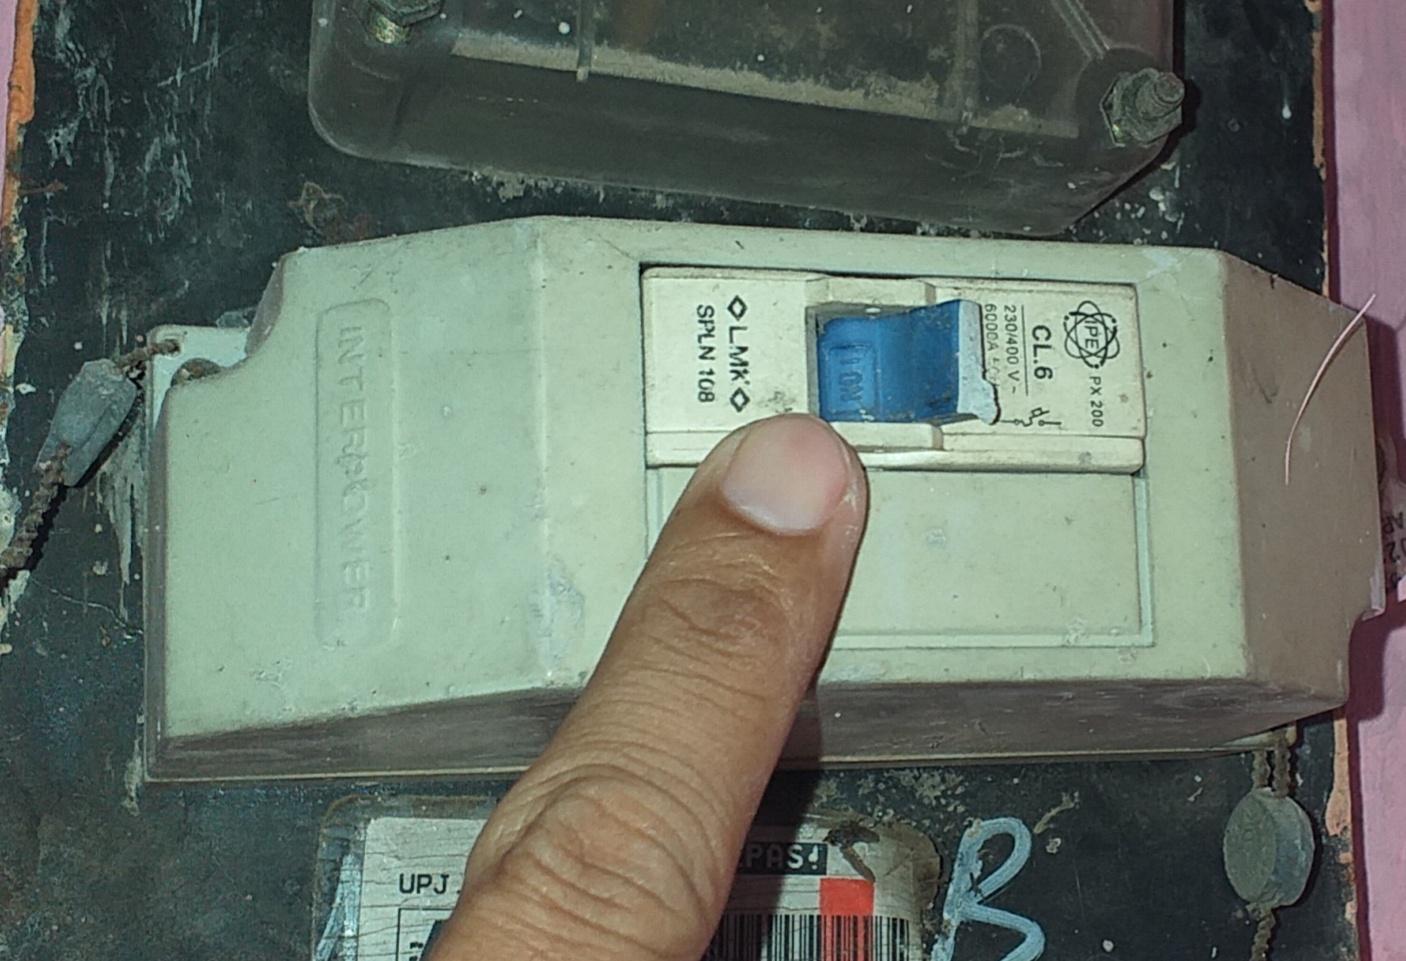 Mcb listrik rumah sering turun